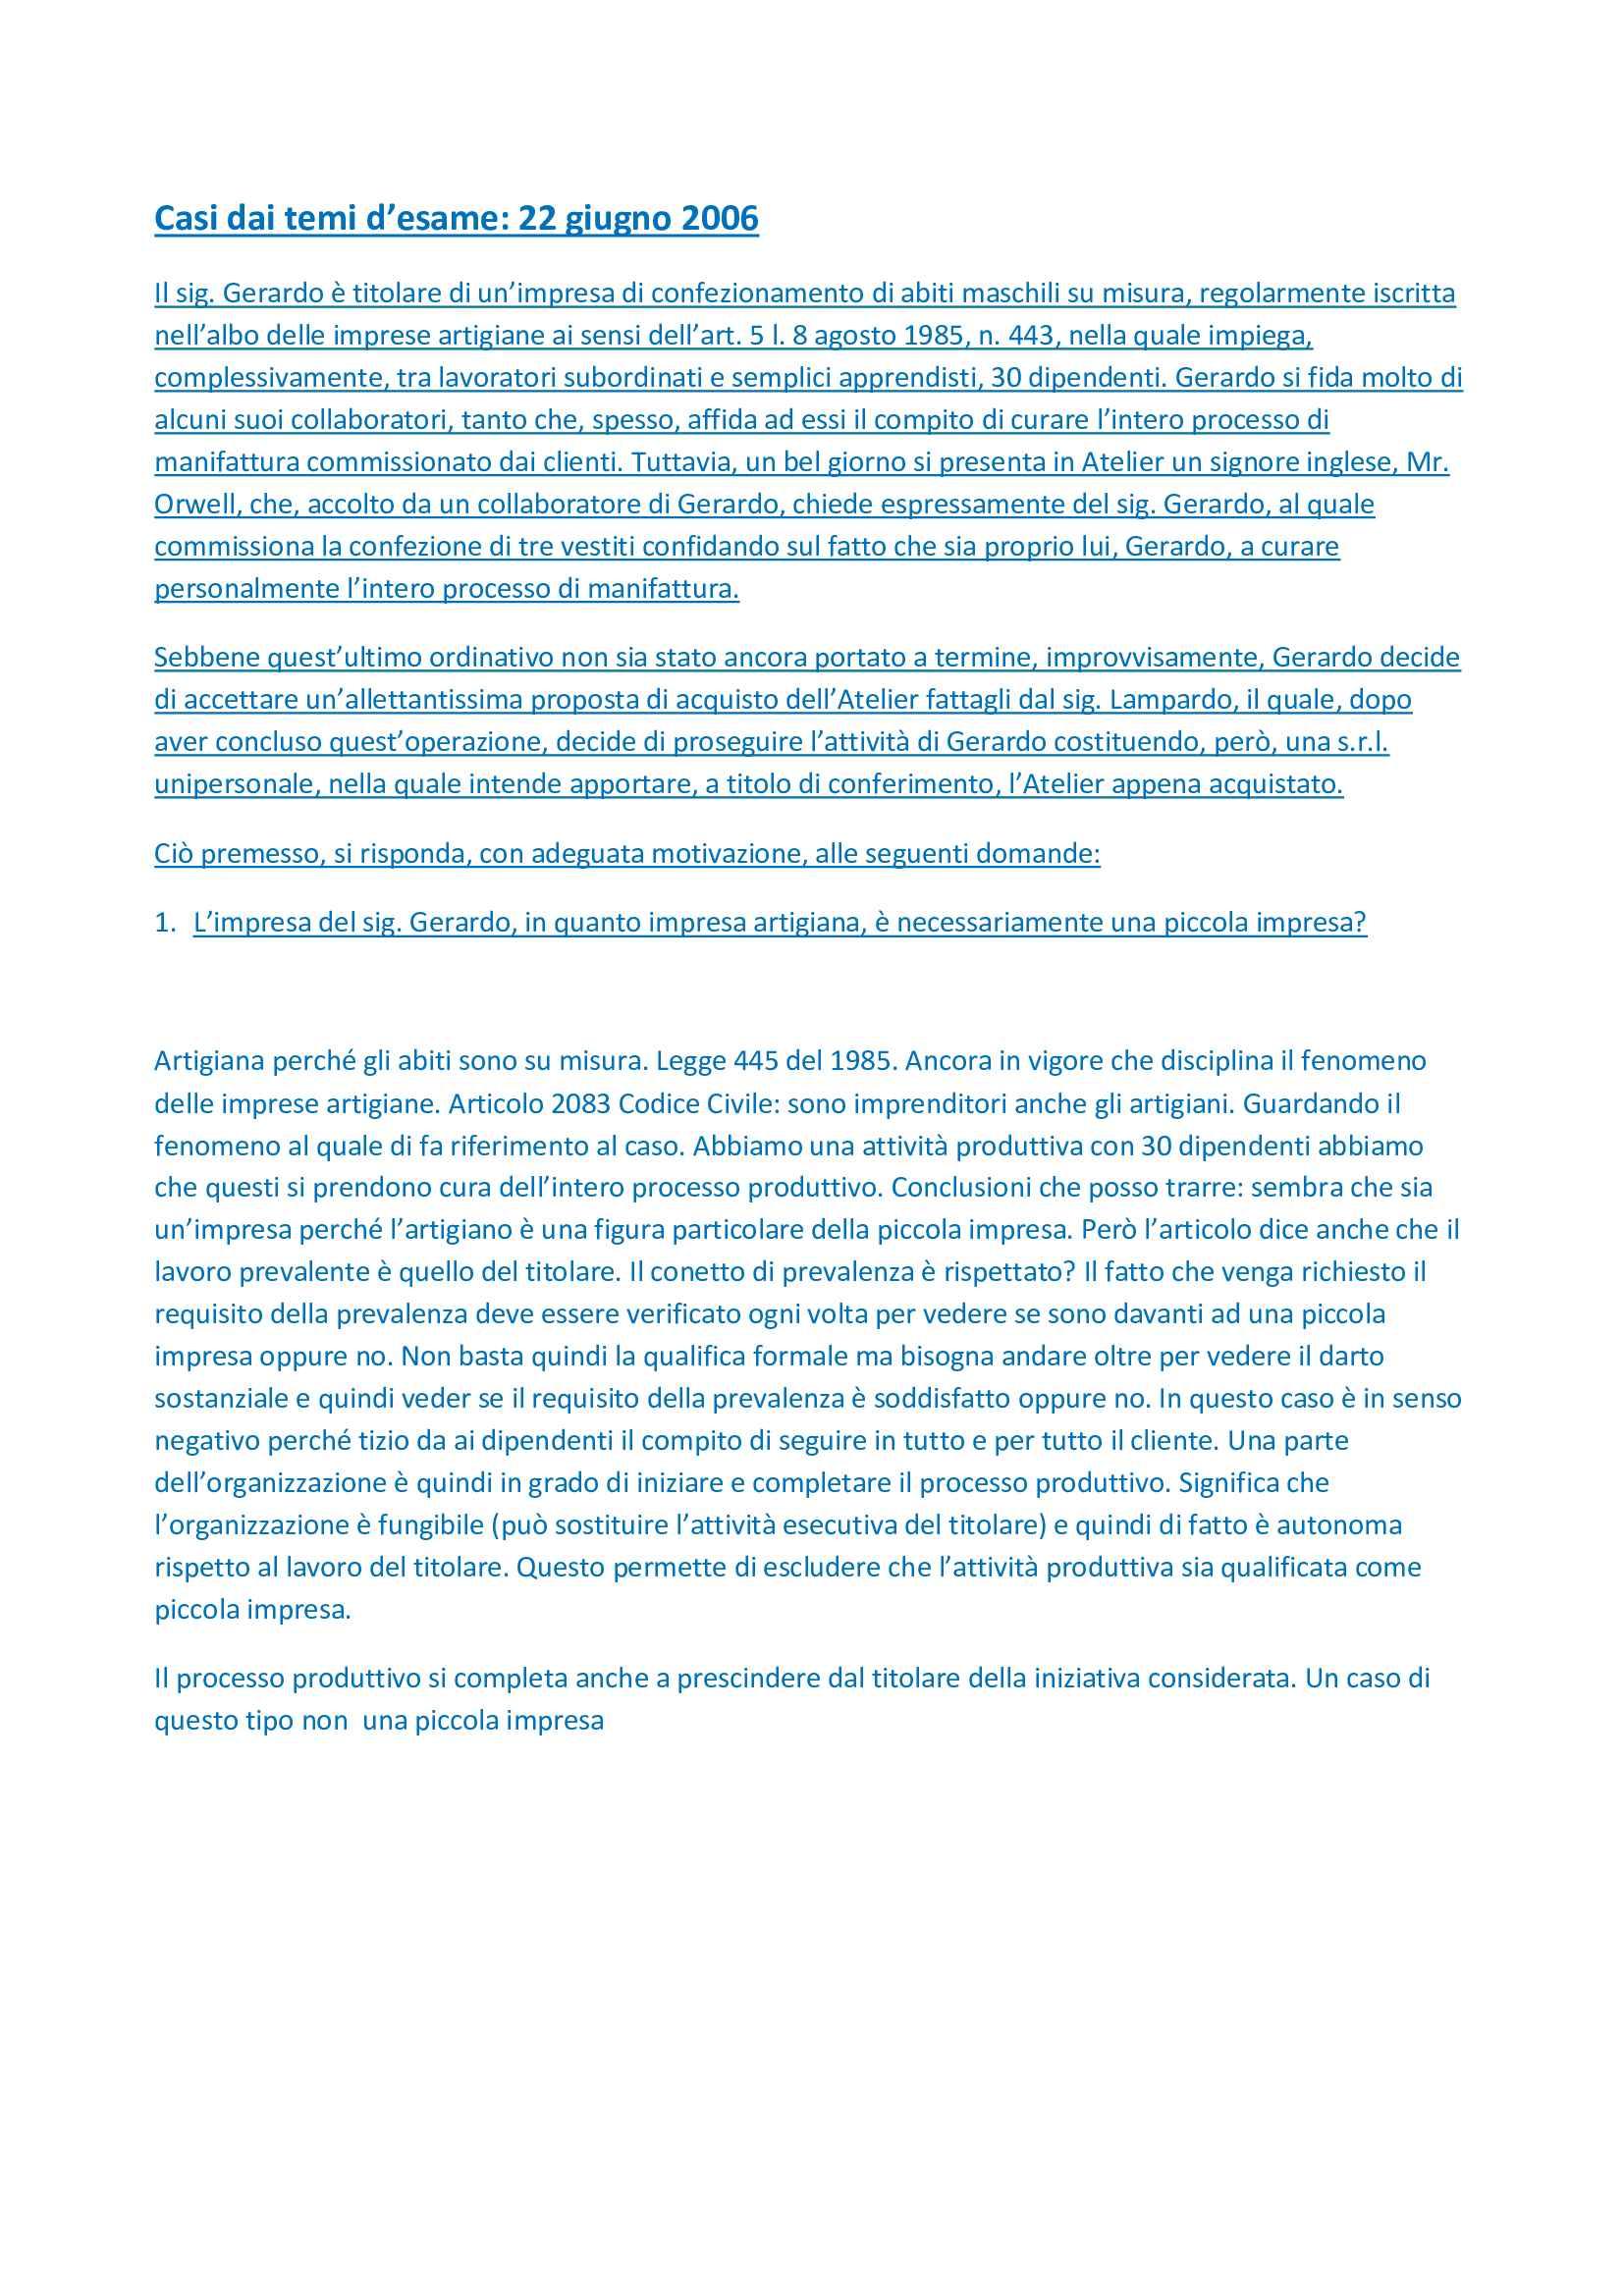 Diritto commerciale - diritto delle imprese Pag. 21